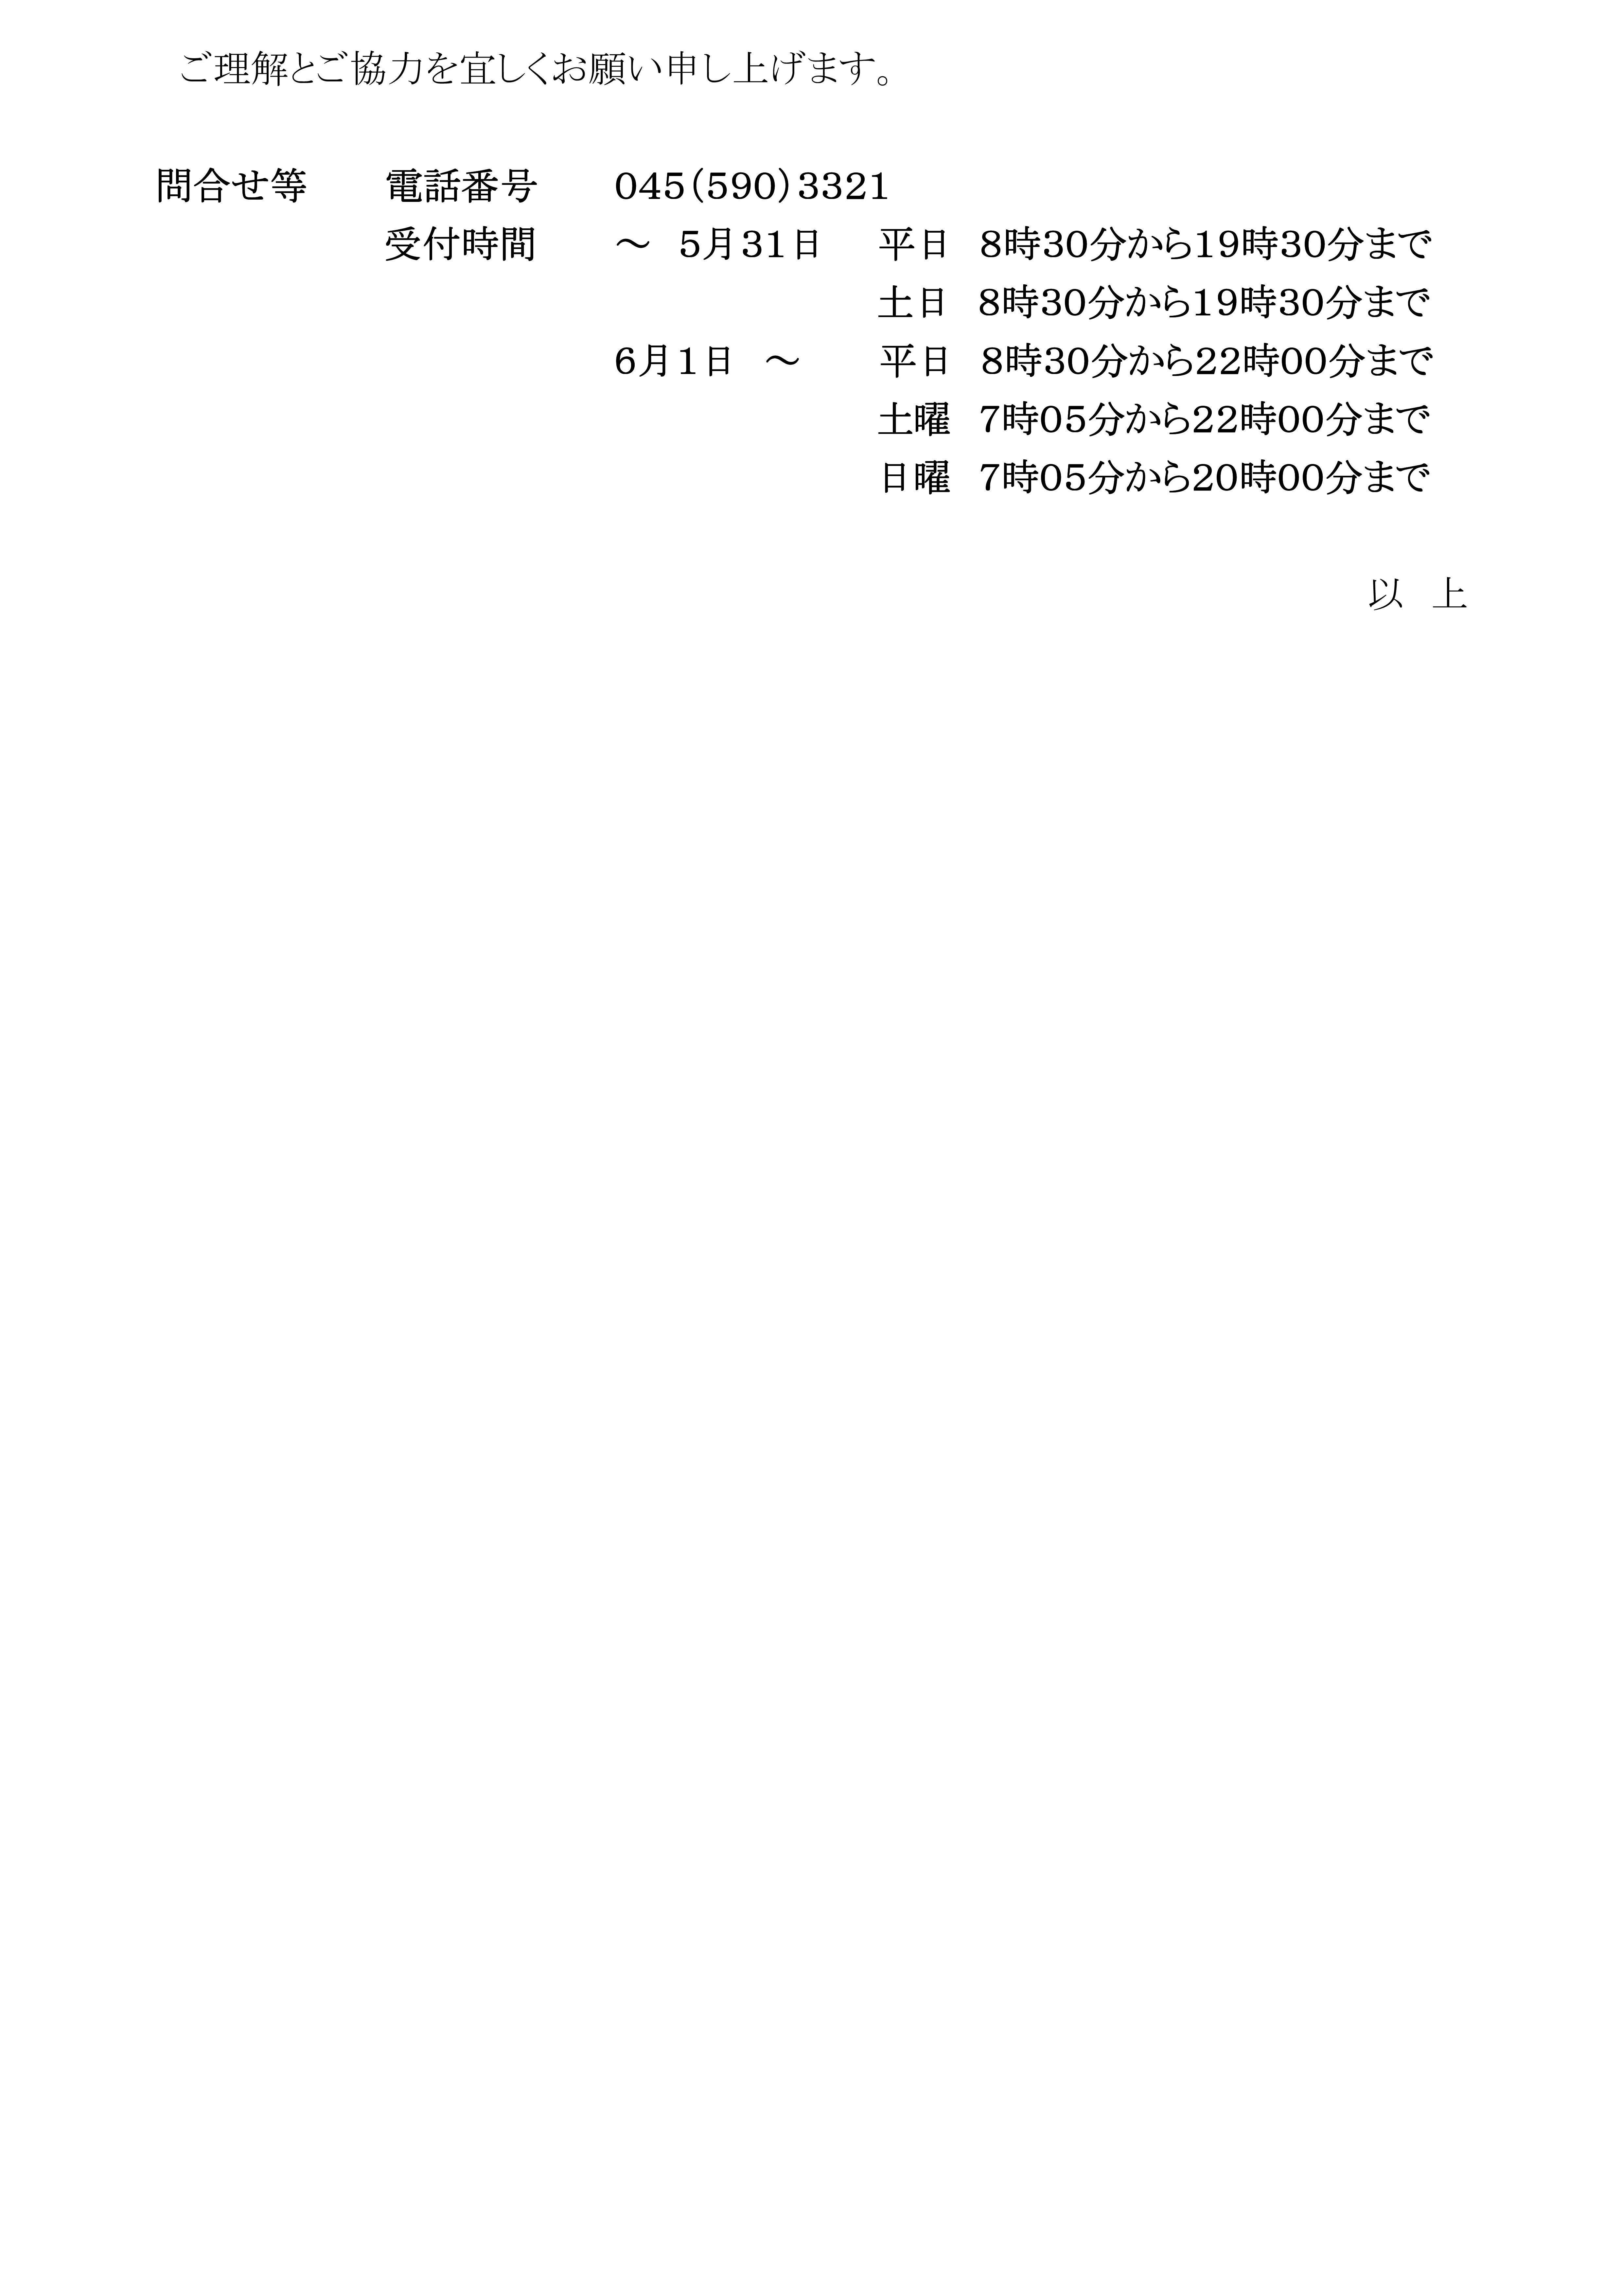 (港北)通常営業再開のお知らせ20200608(更新)-05.jpg